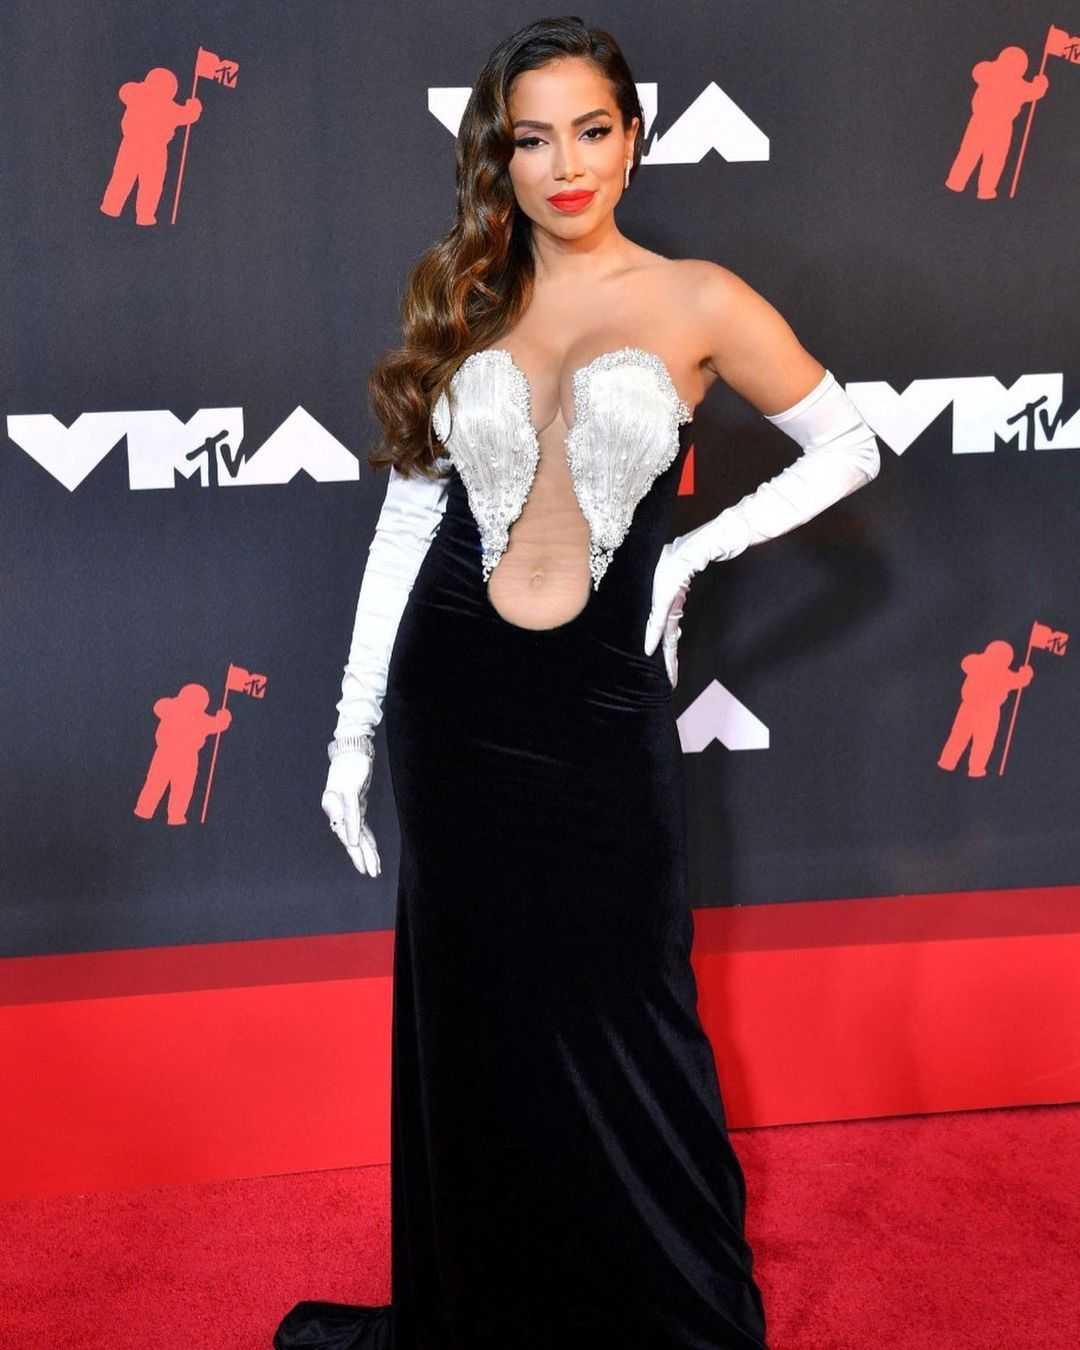 (Anitta no evento do Video Music Awards nos Estados Unidos, Reprodução/Instagram)